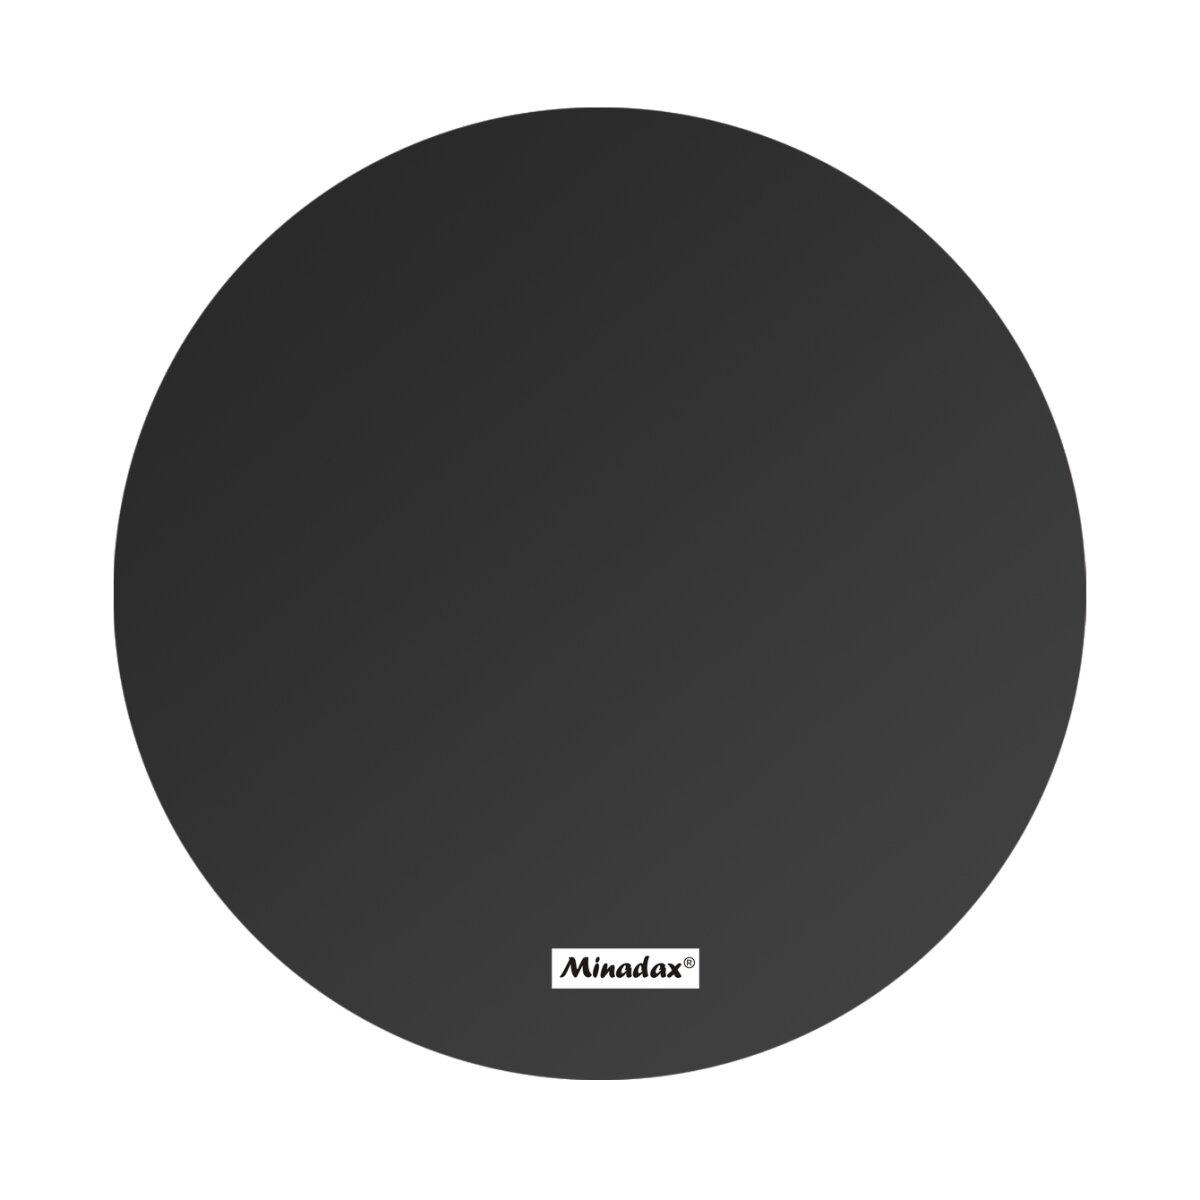 Minadax PEI 3D Druck Oberfläche Schwarz Rund 203mm 1mm